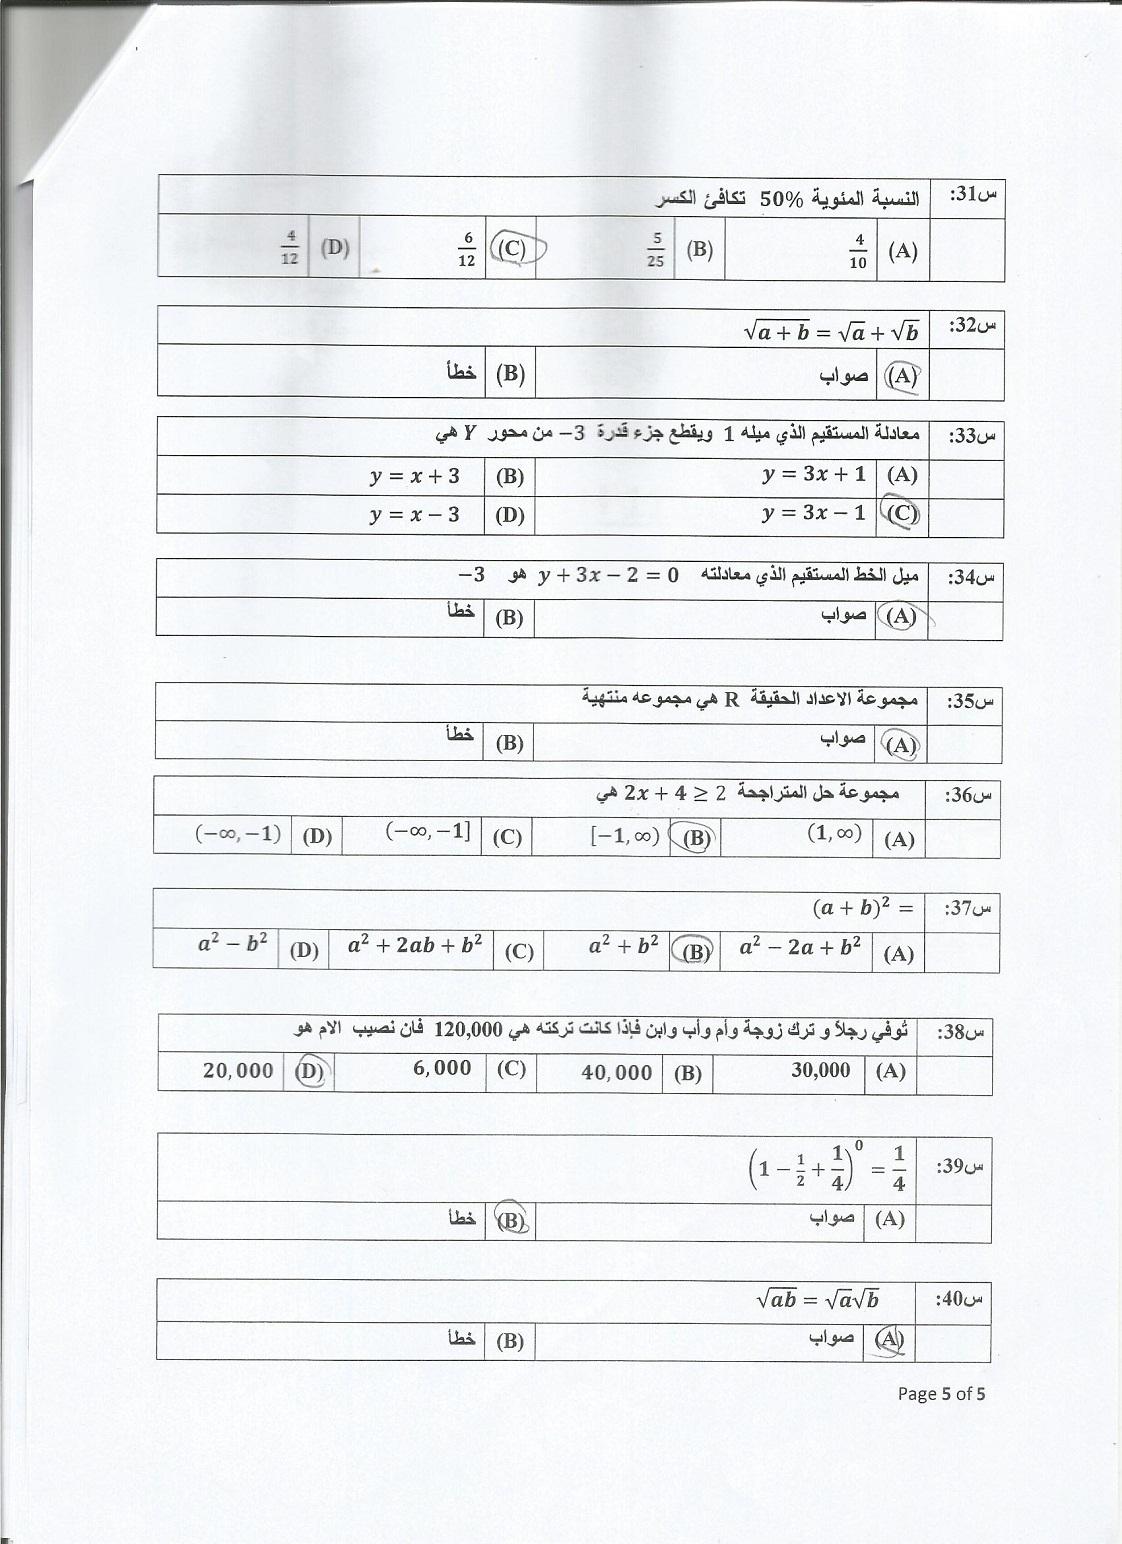 اسئلة اختبار الرياضيات math 111 انتساب الفصل الثاني 1436هـ jg-001.jpg